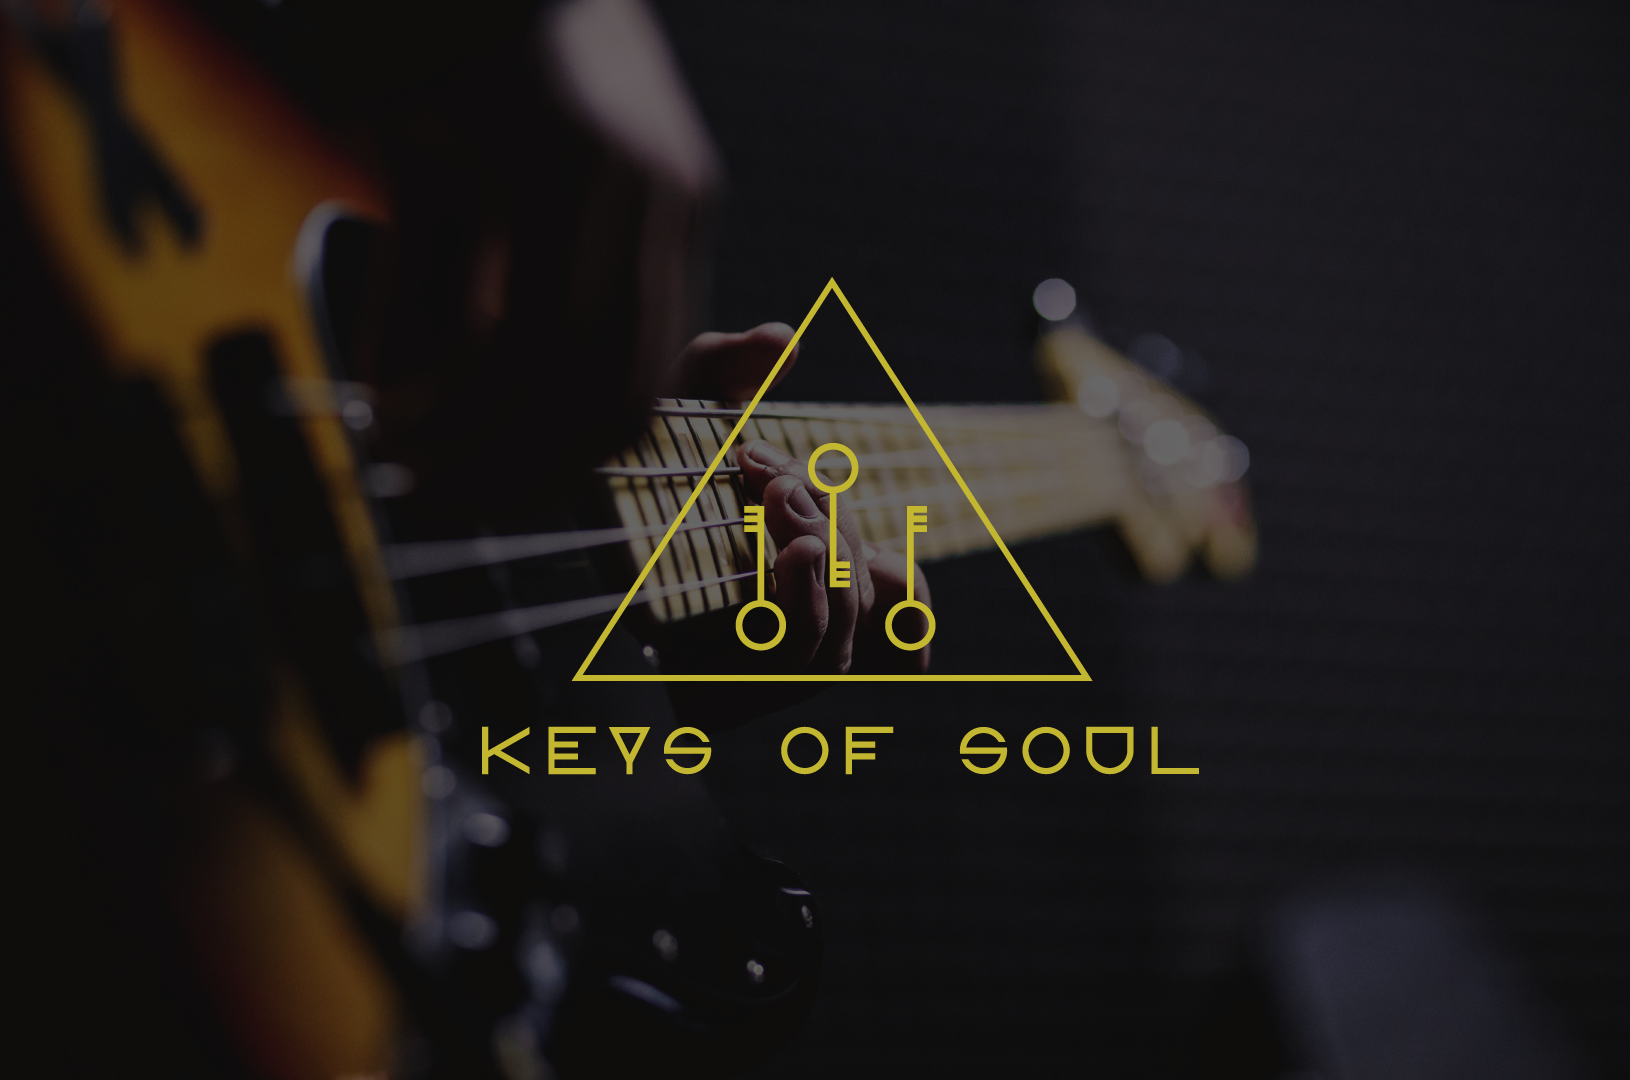 Keys of Soul